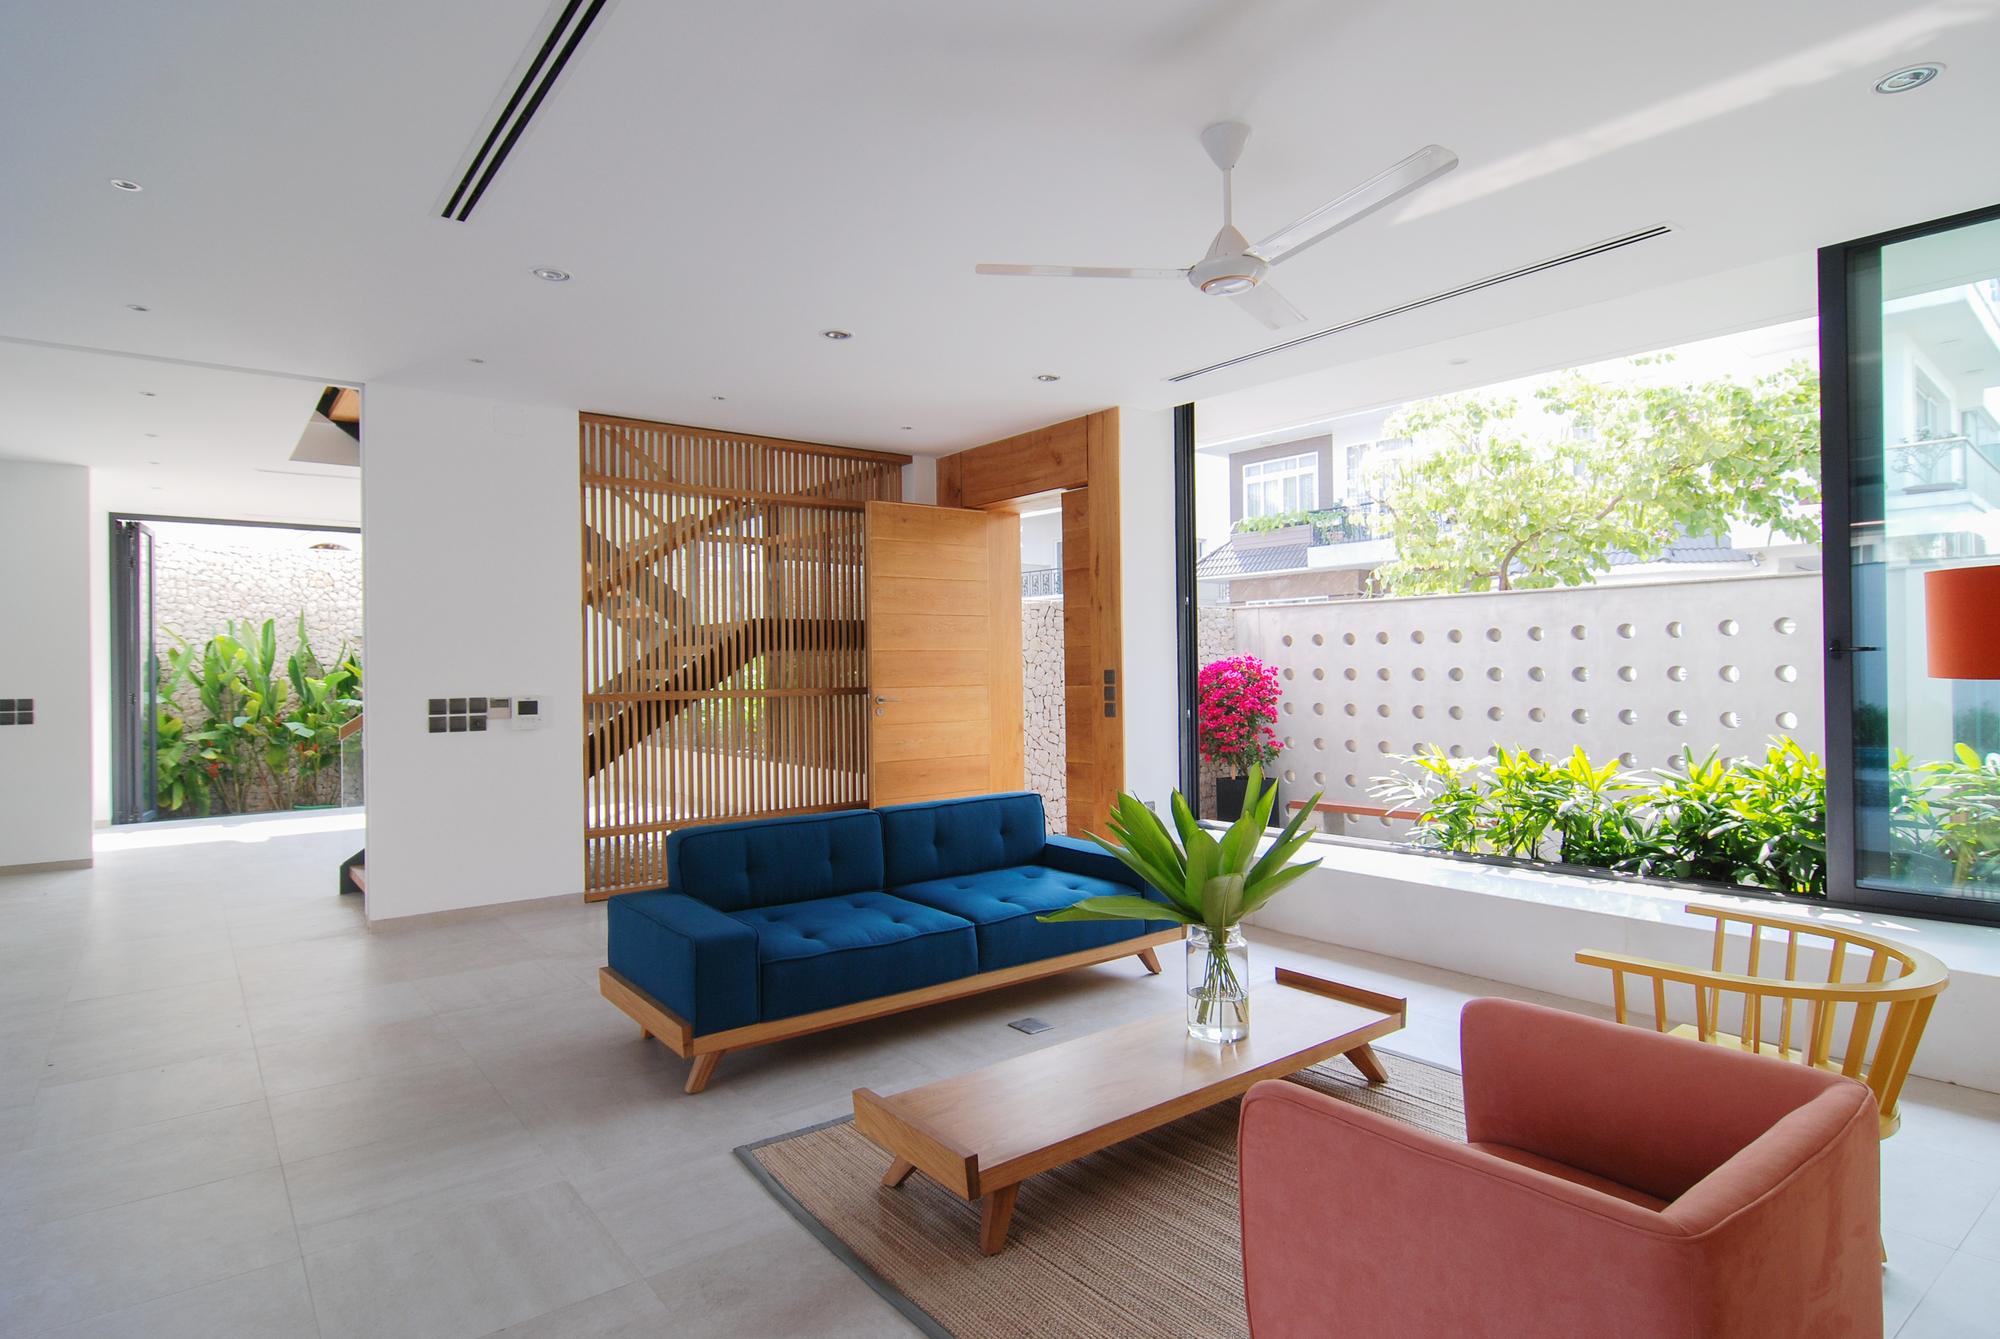 Nhà đẹp Sài Gòn - Biệt thự eden villa - 6